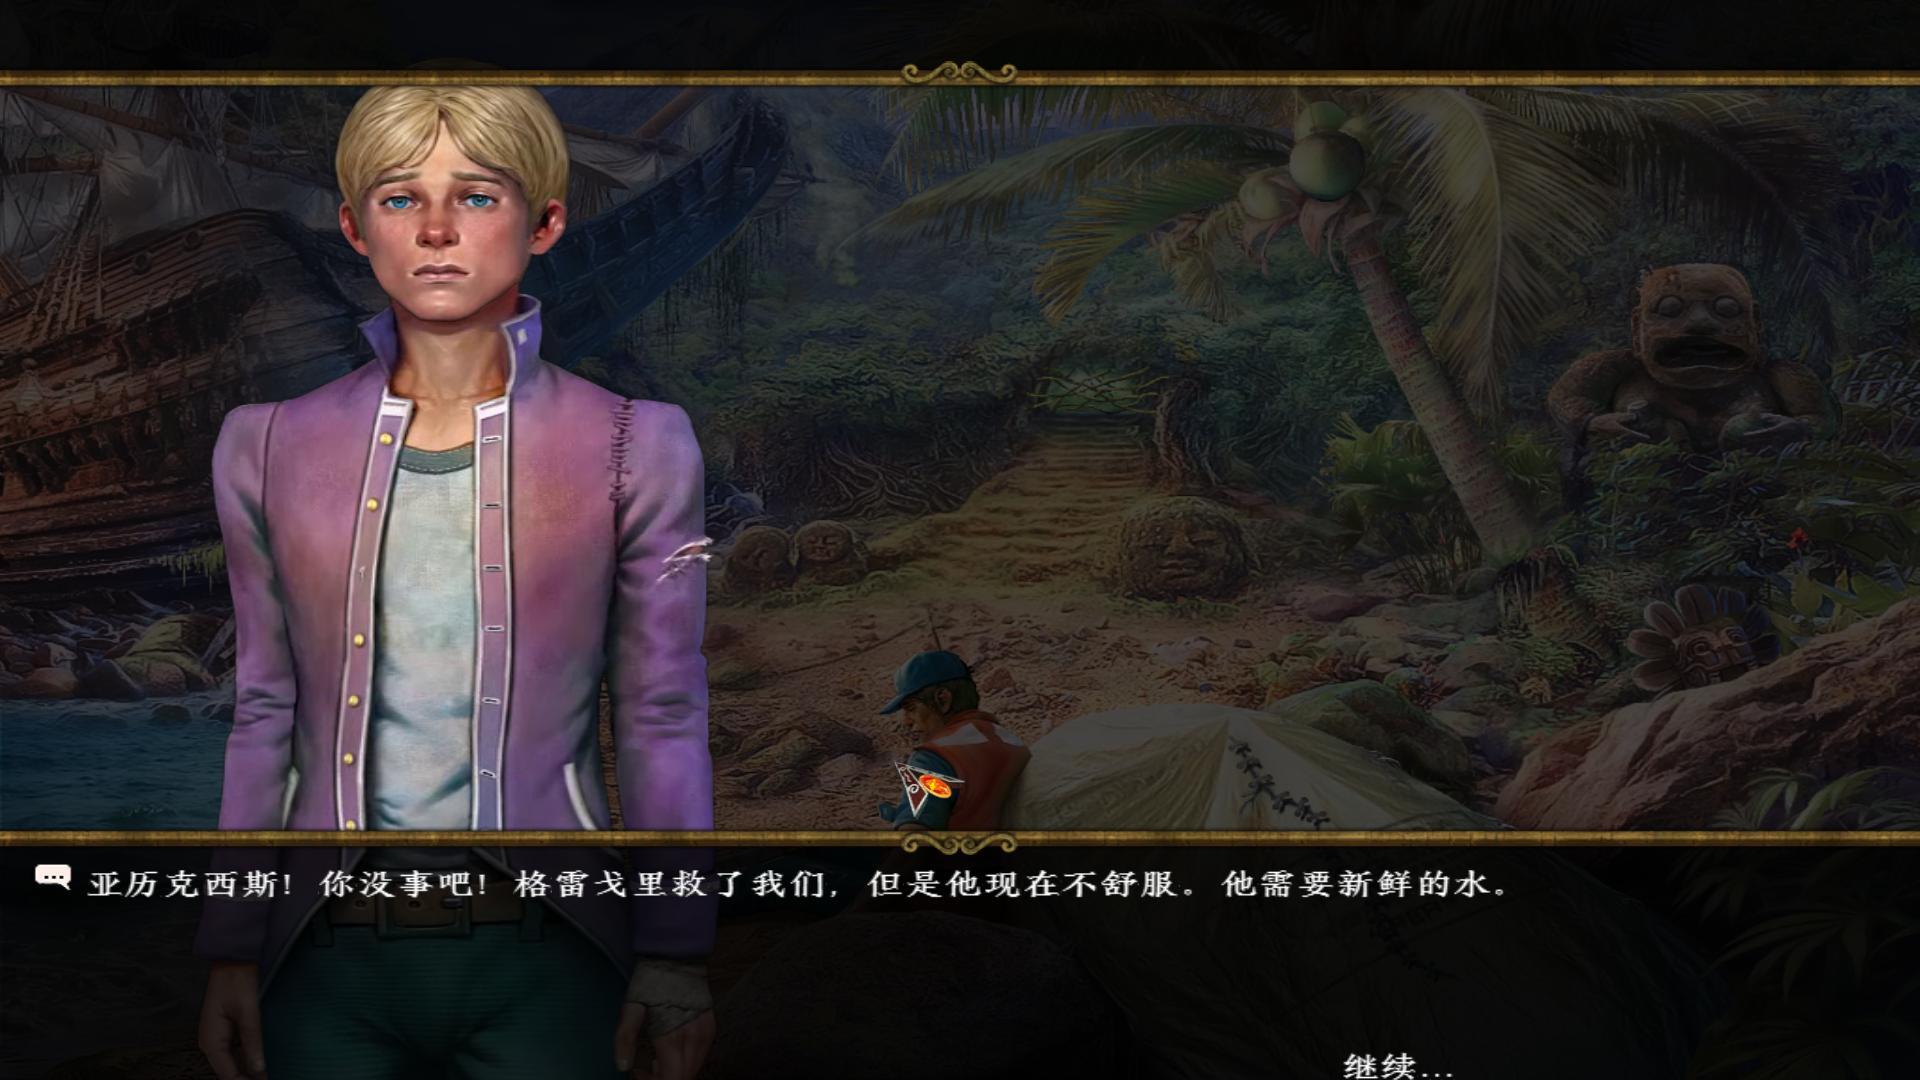 游戏大全 策略(slg) 玛雅 玛雅截图壁纸   玛雅预言2:被诅咒的岛屿 汉